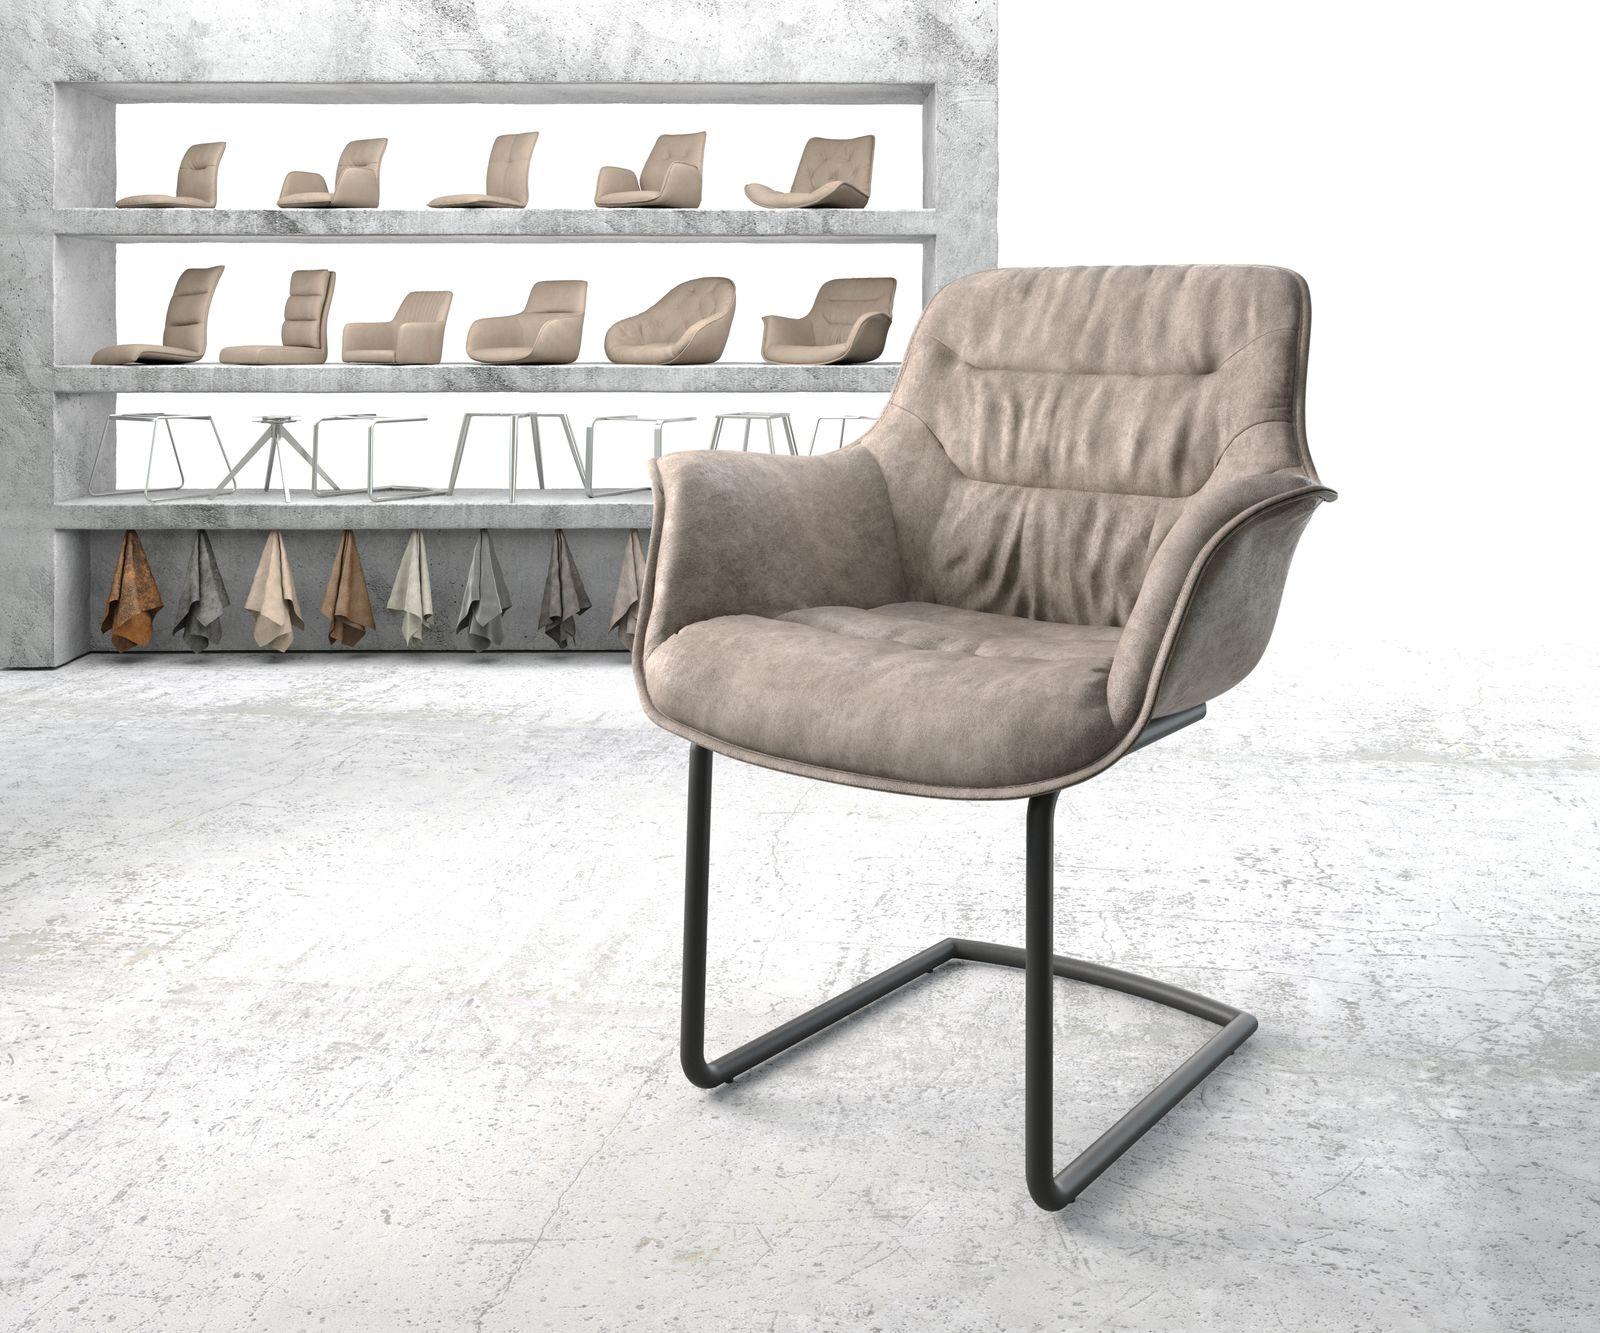 delife-armlehnstuhl-kaira-flex-taupe-vintage-freischwinger-rund-schwarz-esszimmerstuhle